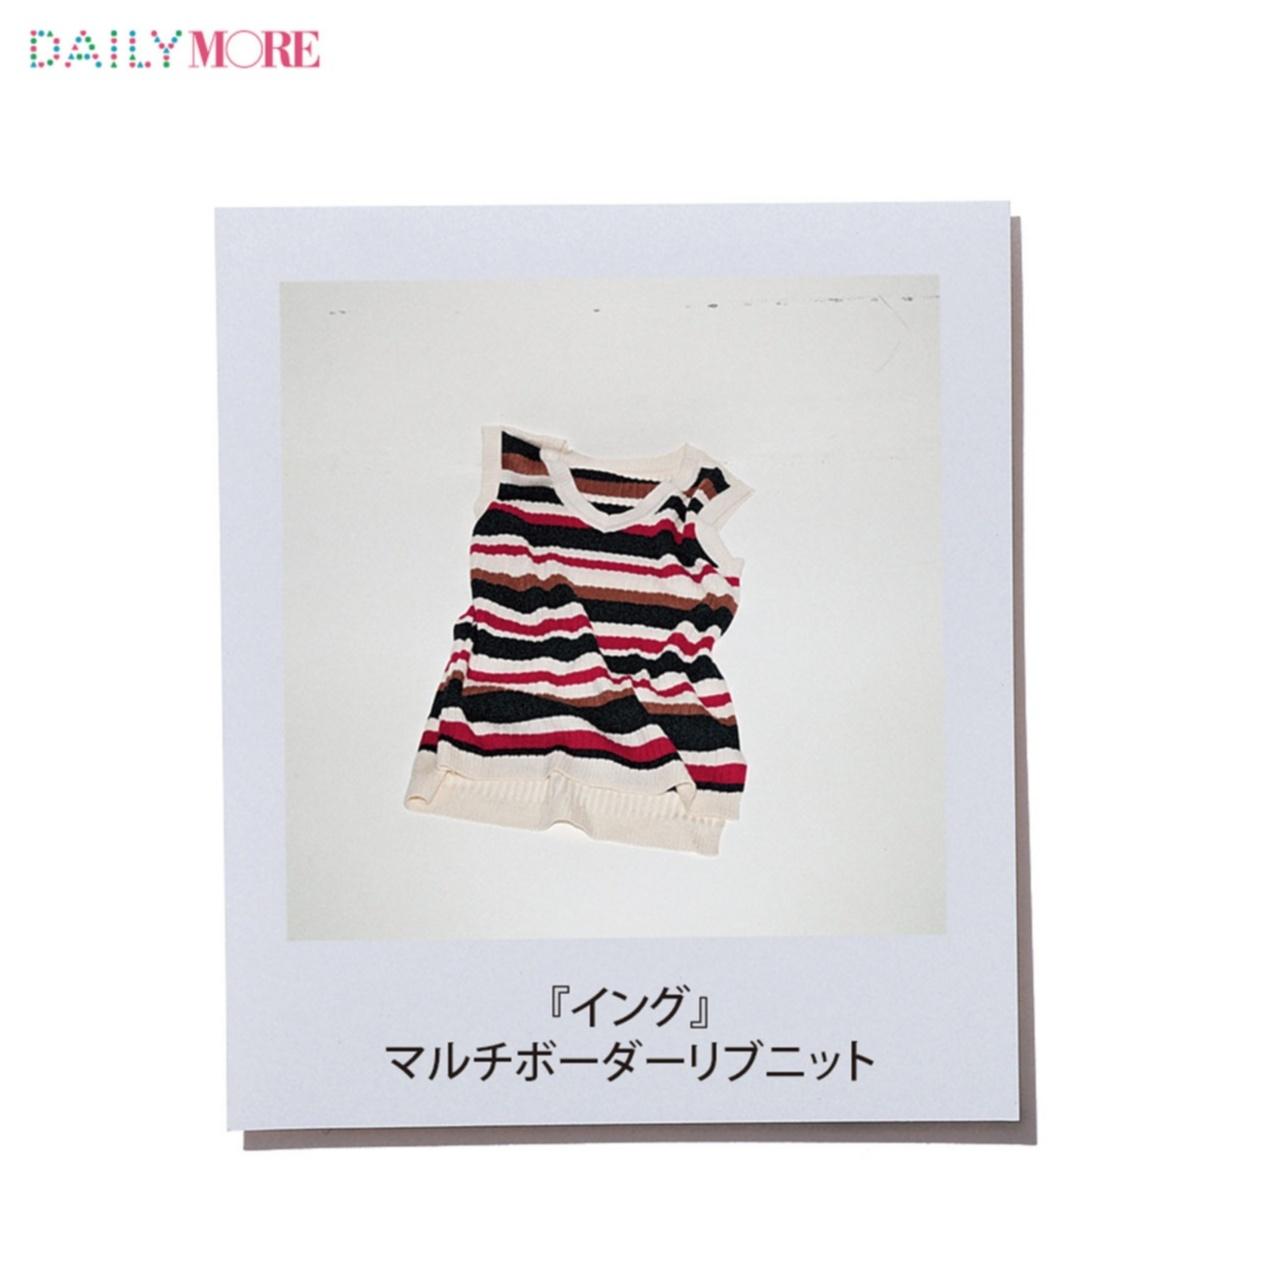 """""""隠れた名品""""あなたは知ってた? 人気ブランドの「実は売れてる服」まとめ♡_1_3"""